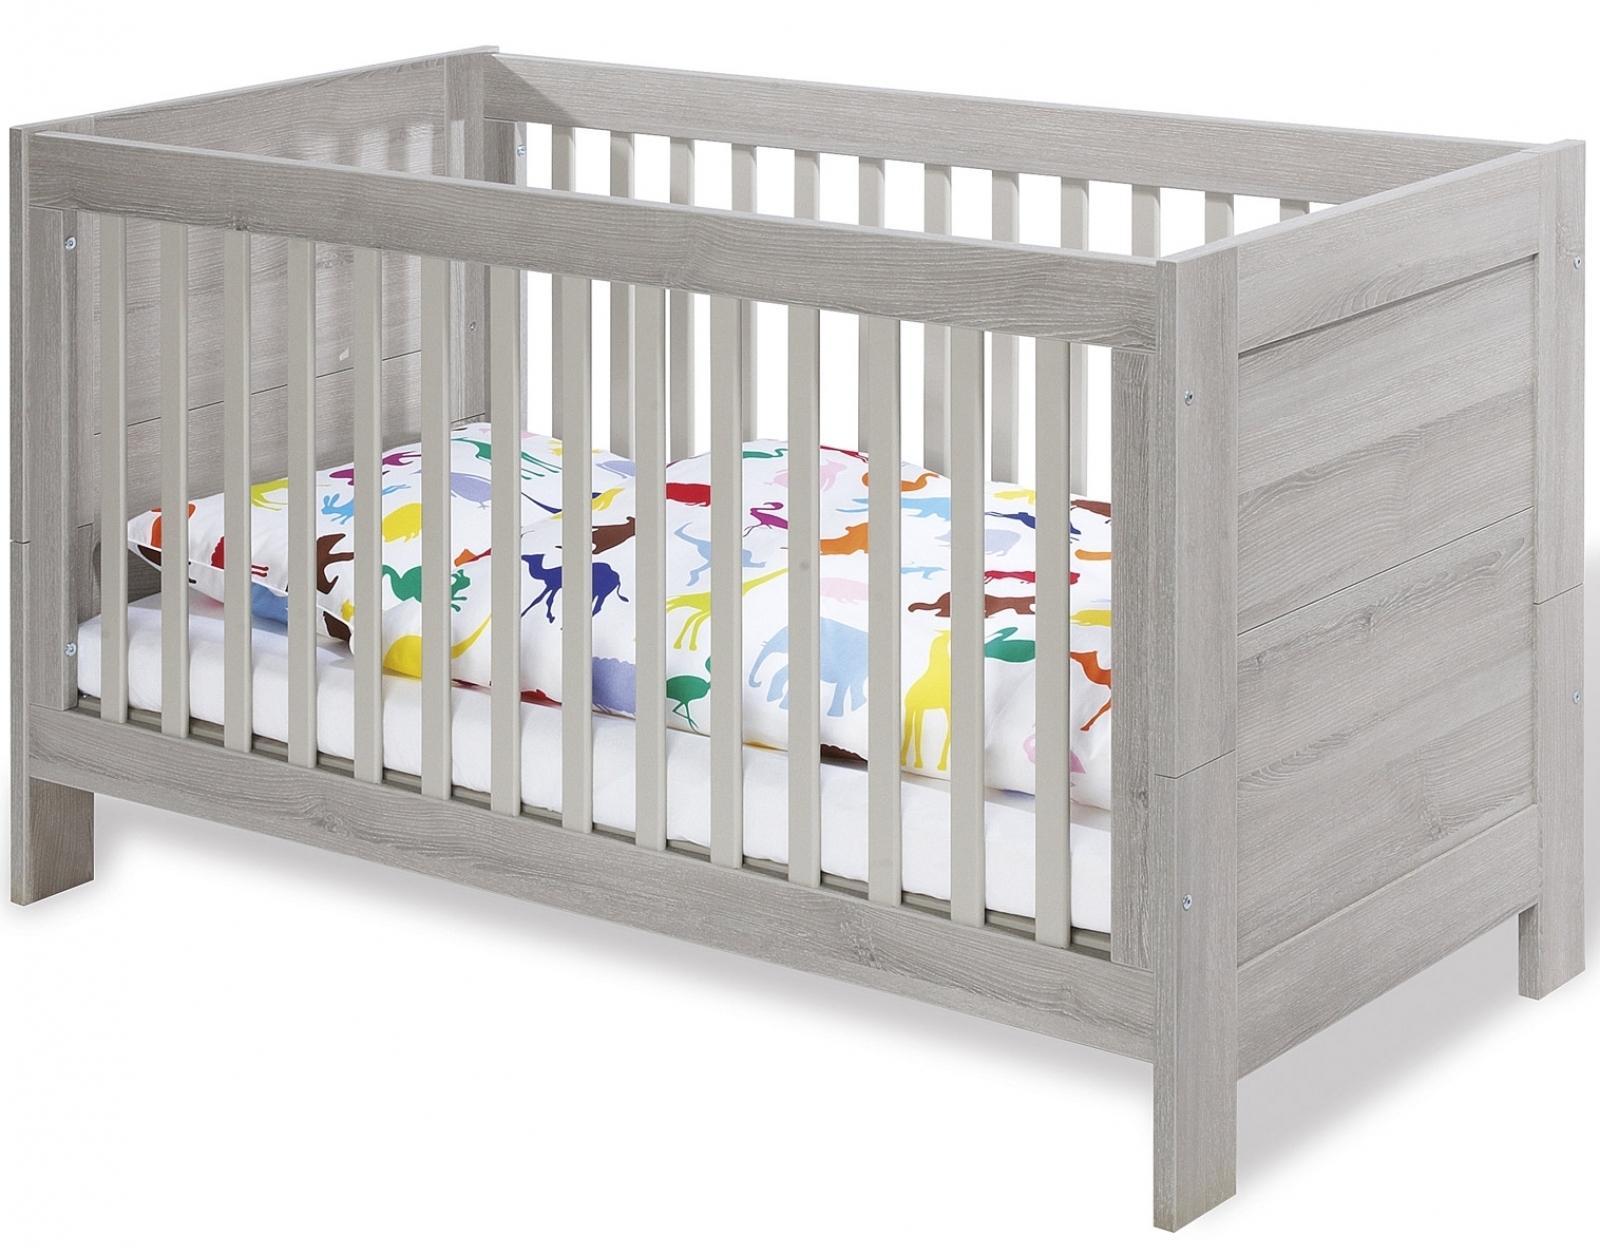 lit bebe bois pi ti li. Black Bedroom Furniture Sets. Home Design Ideas